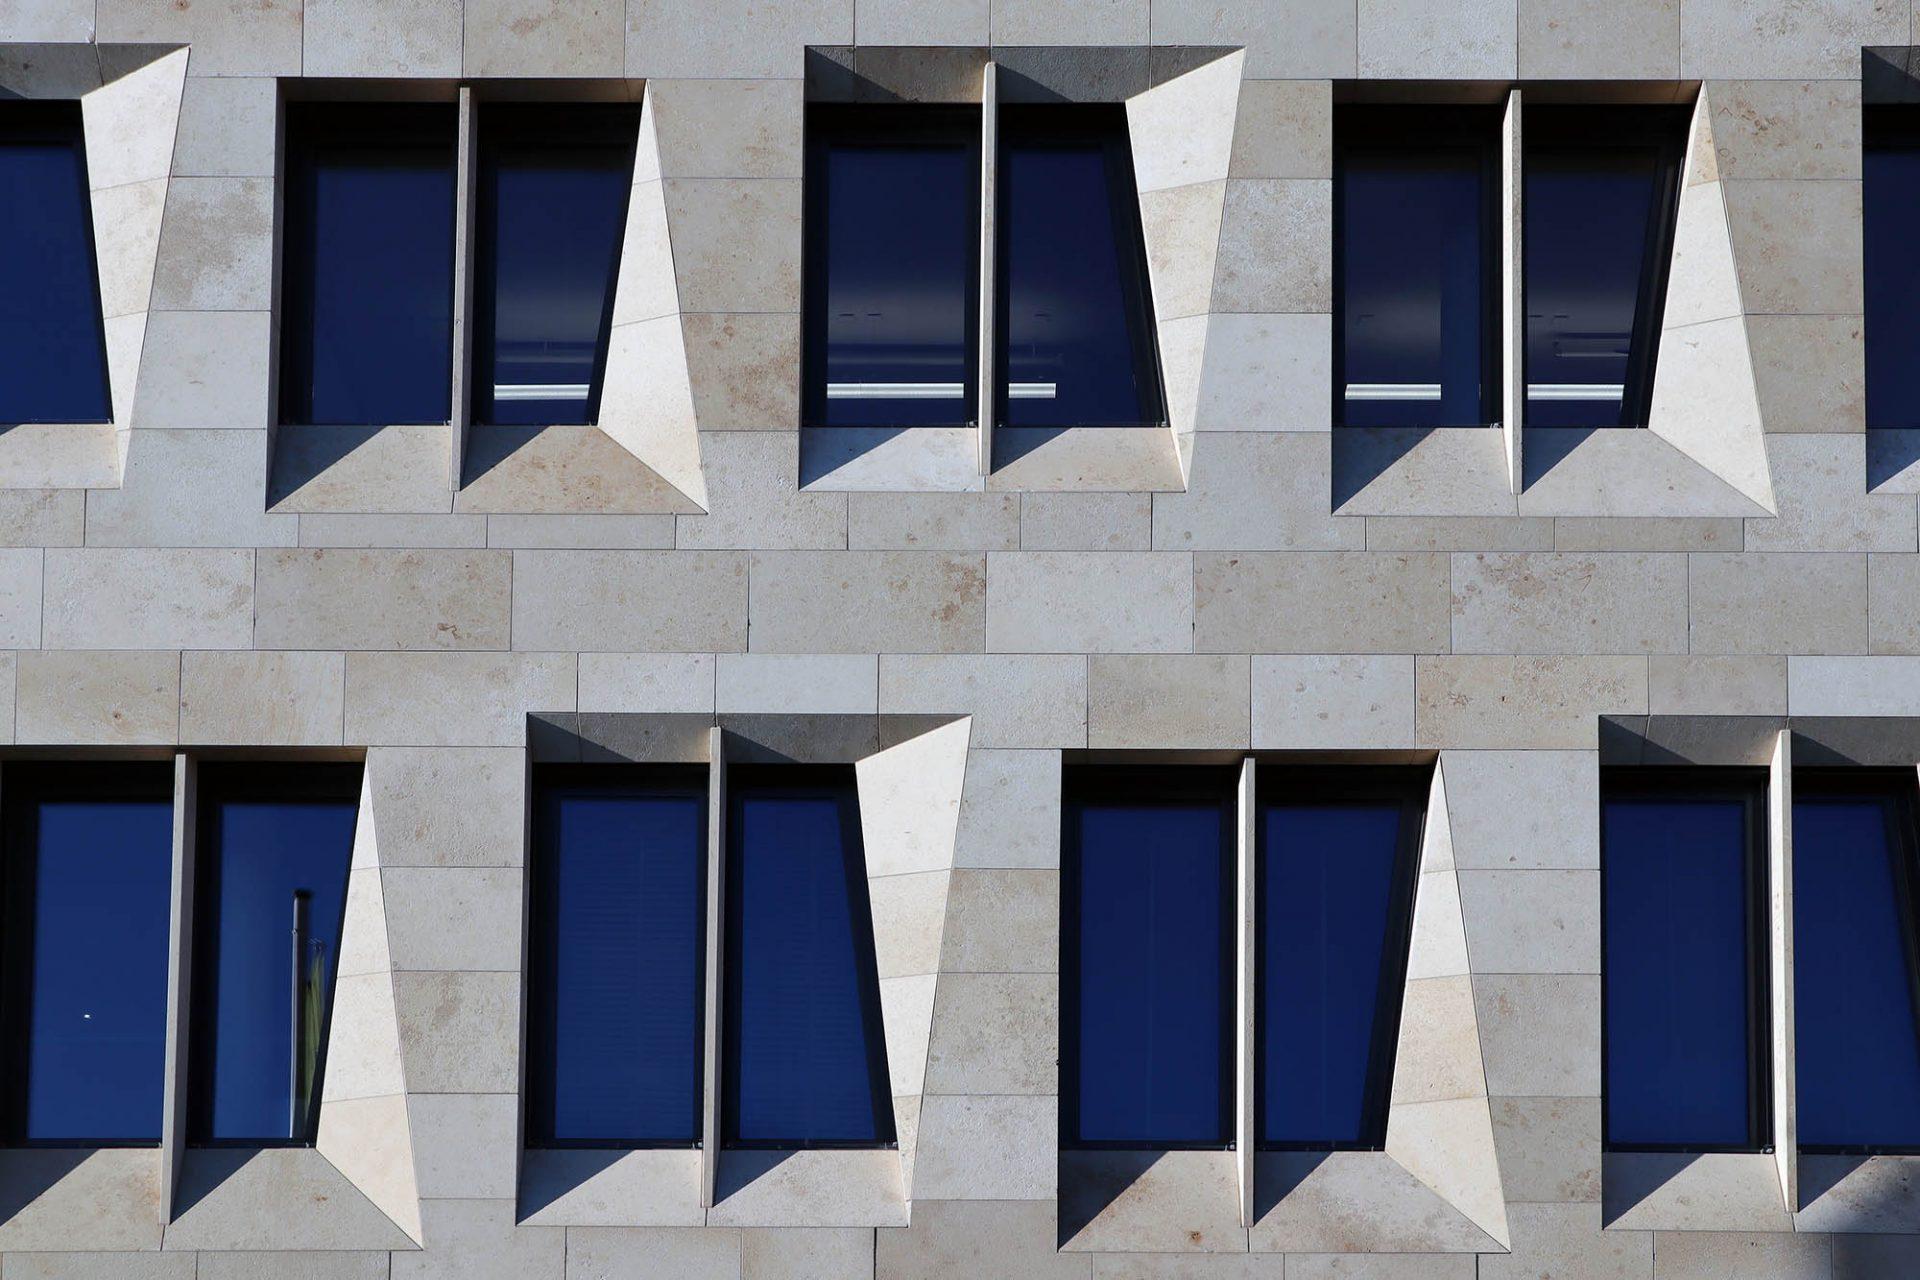 Dorotheen Quartier. In Deutschland gehören u. a. das Verwaltungsgebäude der Nord/LB in Hannover (2002), das Ozeaneum Stralsund (2008), der Marco-Polo-Tower in Hamburg (2010) zu ihren prominentesten Bauten.